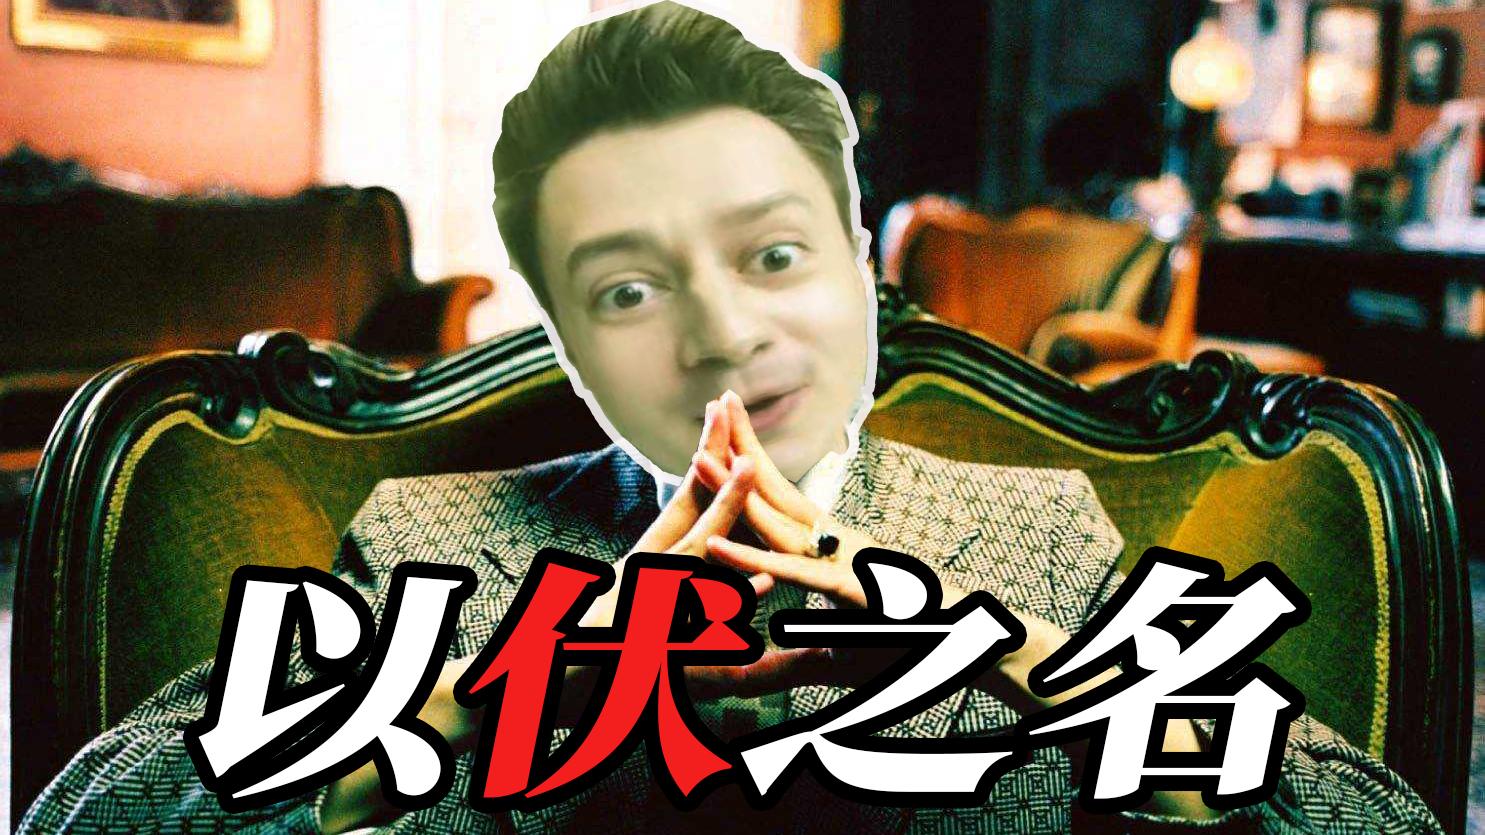 【伏拉夫最新单曲】以父之名